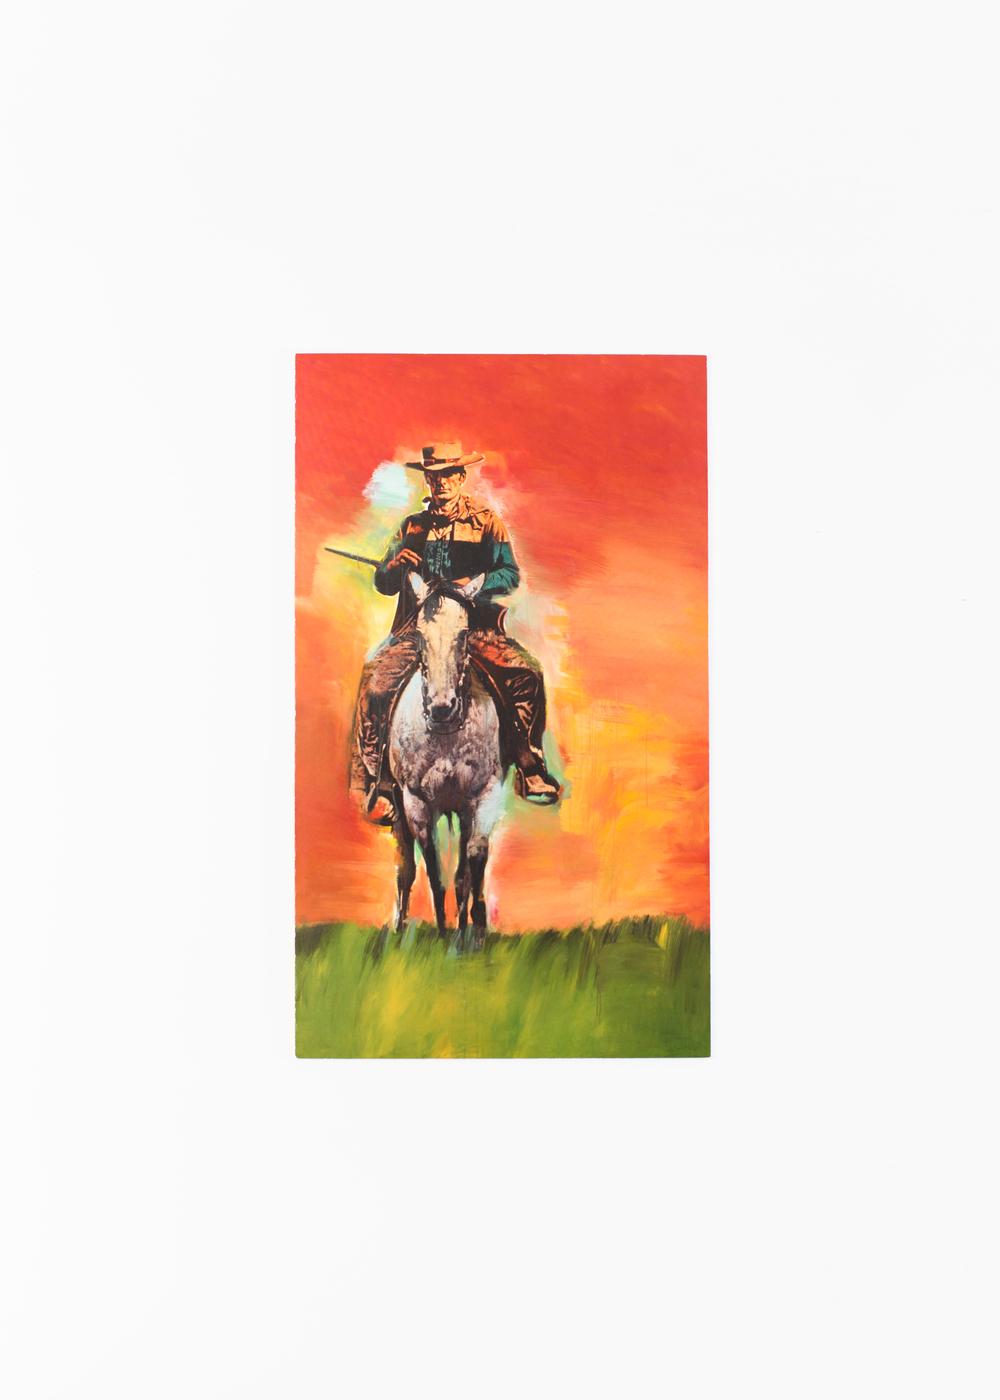 """Richard Prince - Cowboys</br>Invitation Card 14 x 23.5 cm</br>Gagosian 2013</br>€25 <a href=""""https://www.paypal.com/cgi-bin/webscr?cmd=_s-xclick&hosted_button_id=AQZQHB2UU4Z7N"""">Add to Cart</a>"""